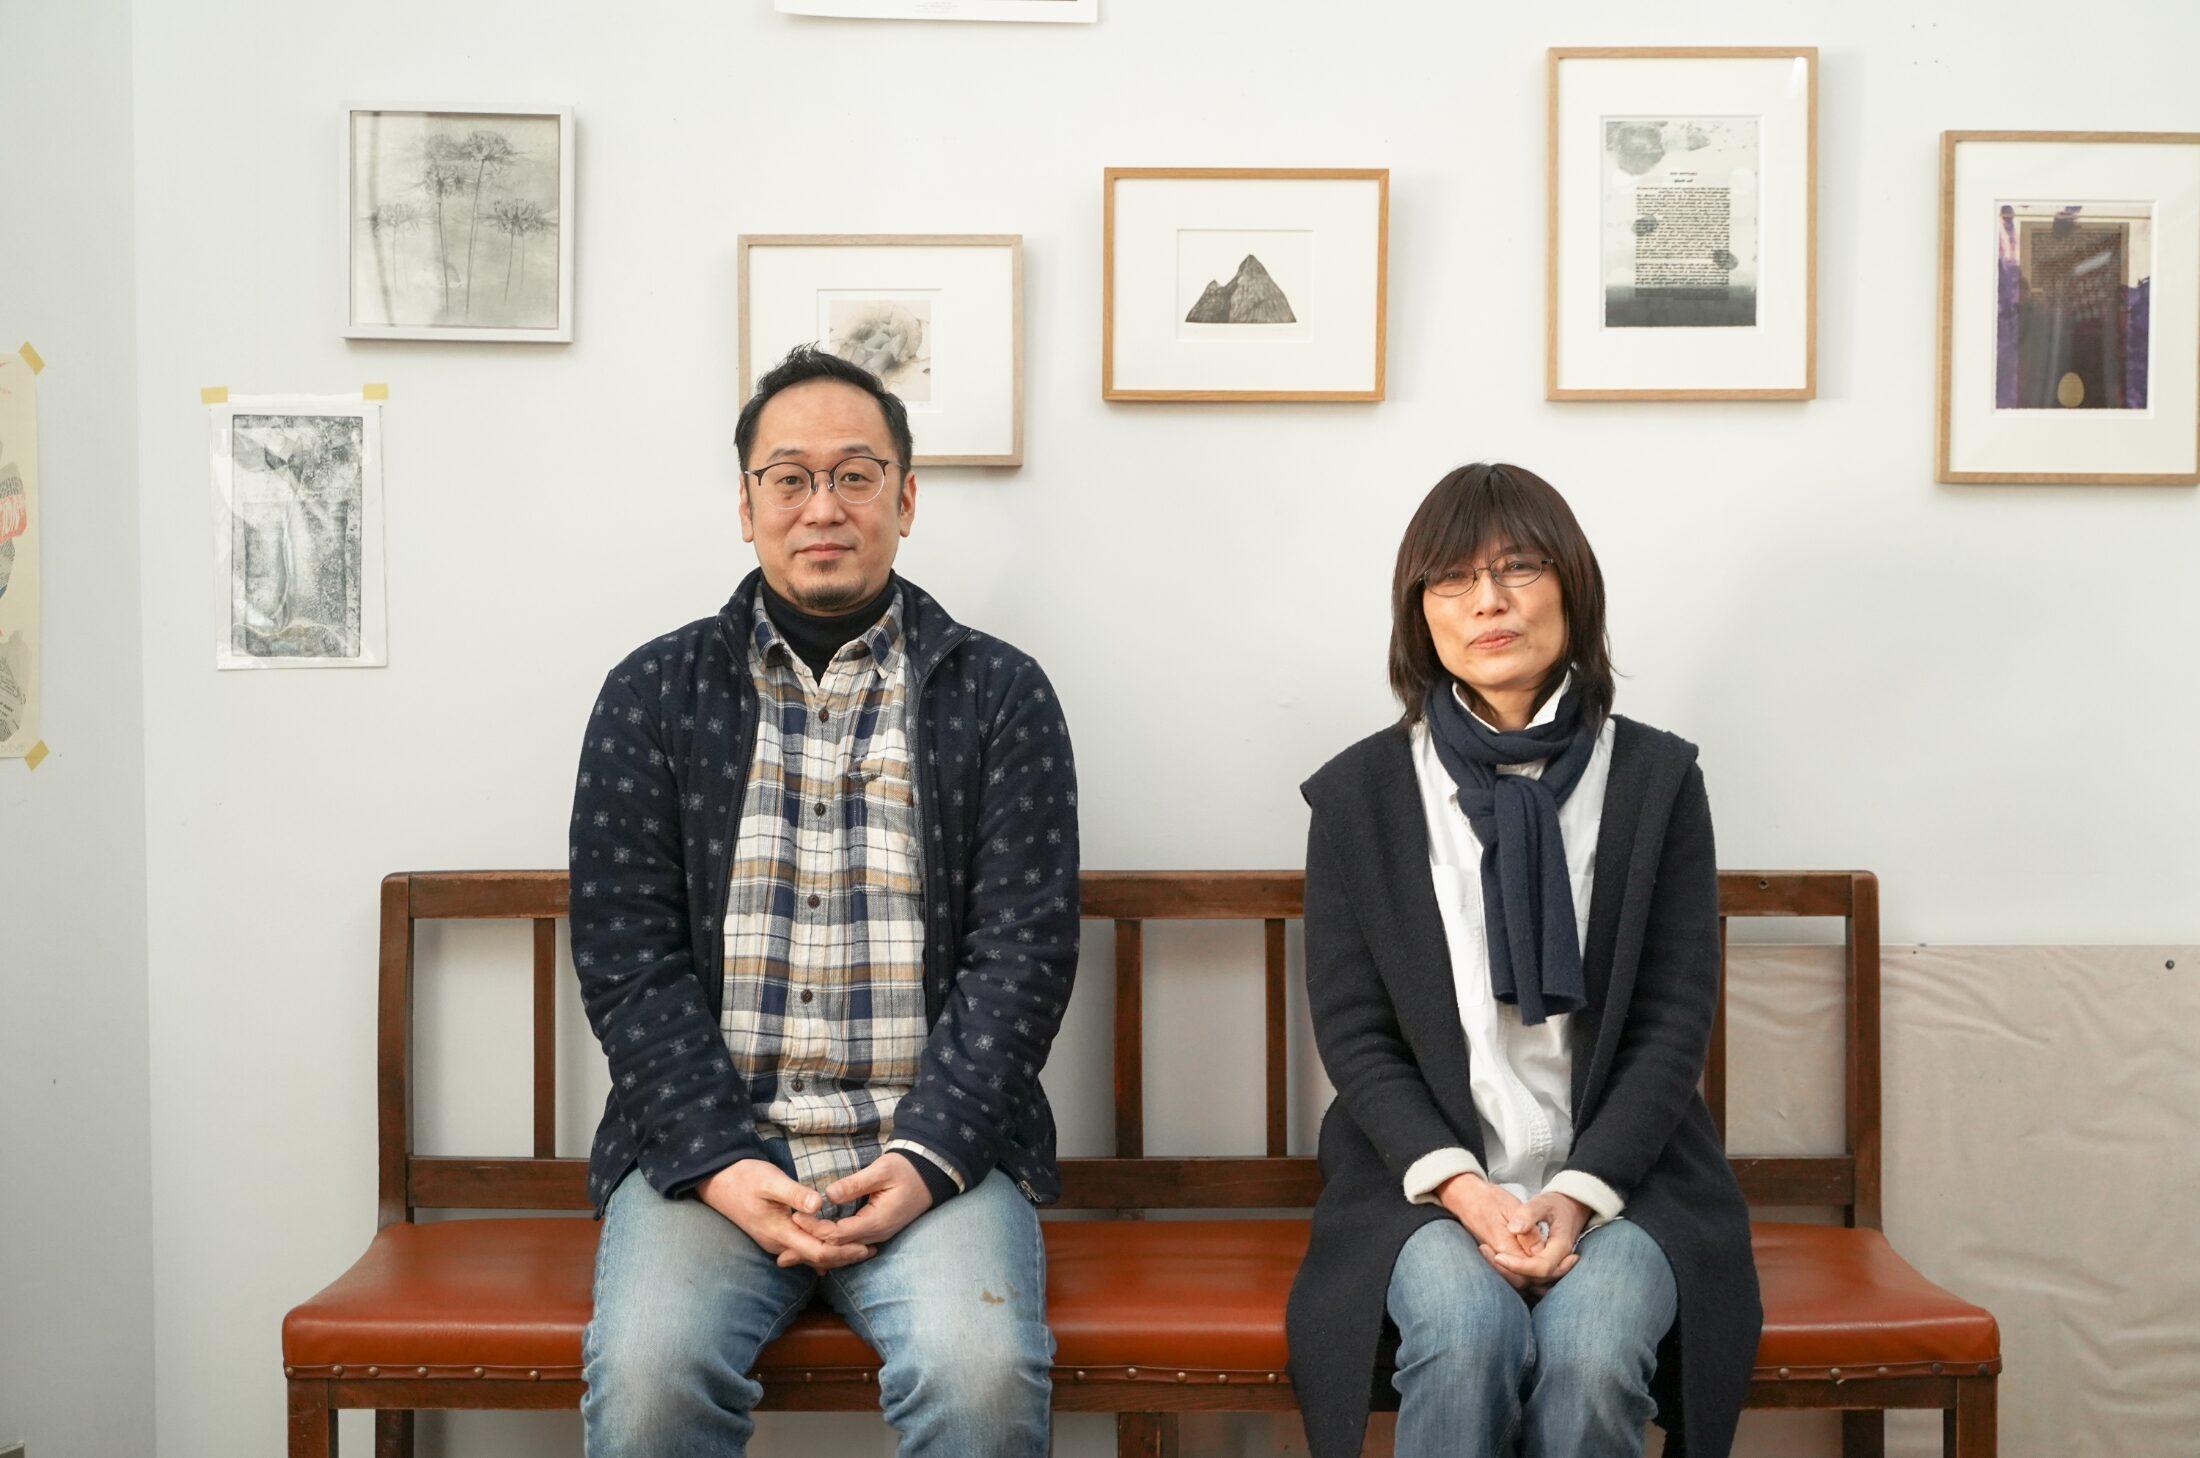 小松佳代子准教授と岡谷敦魚准教授